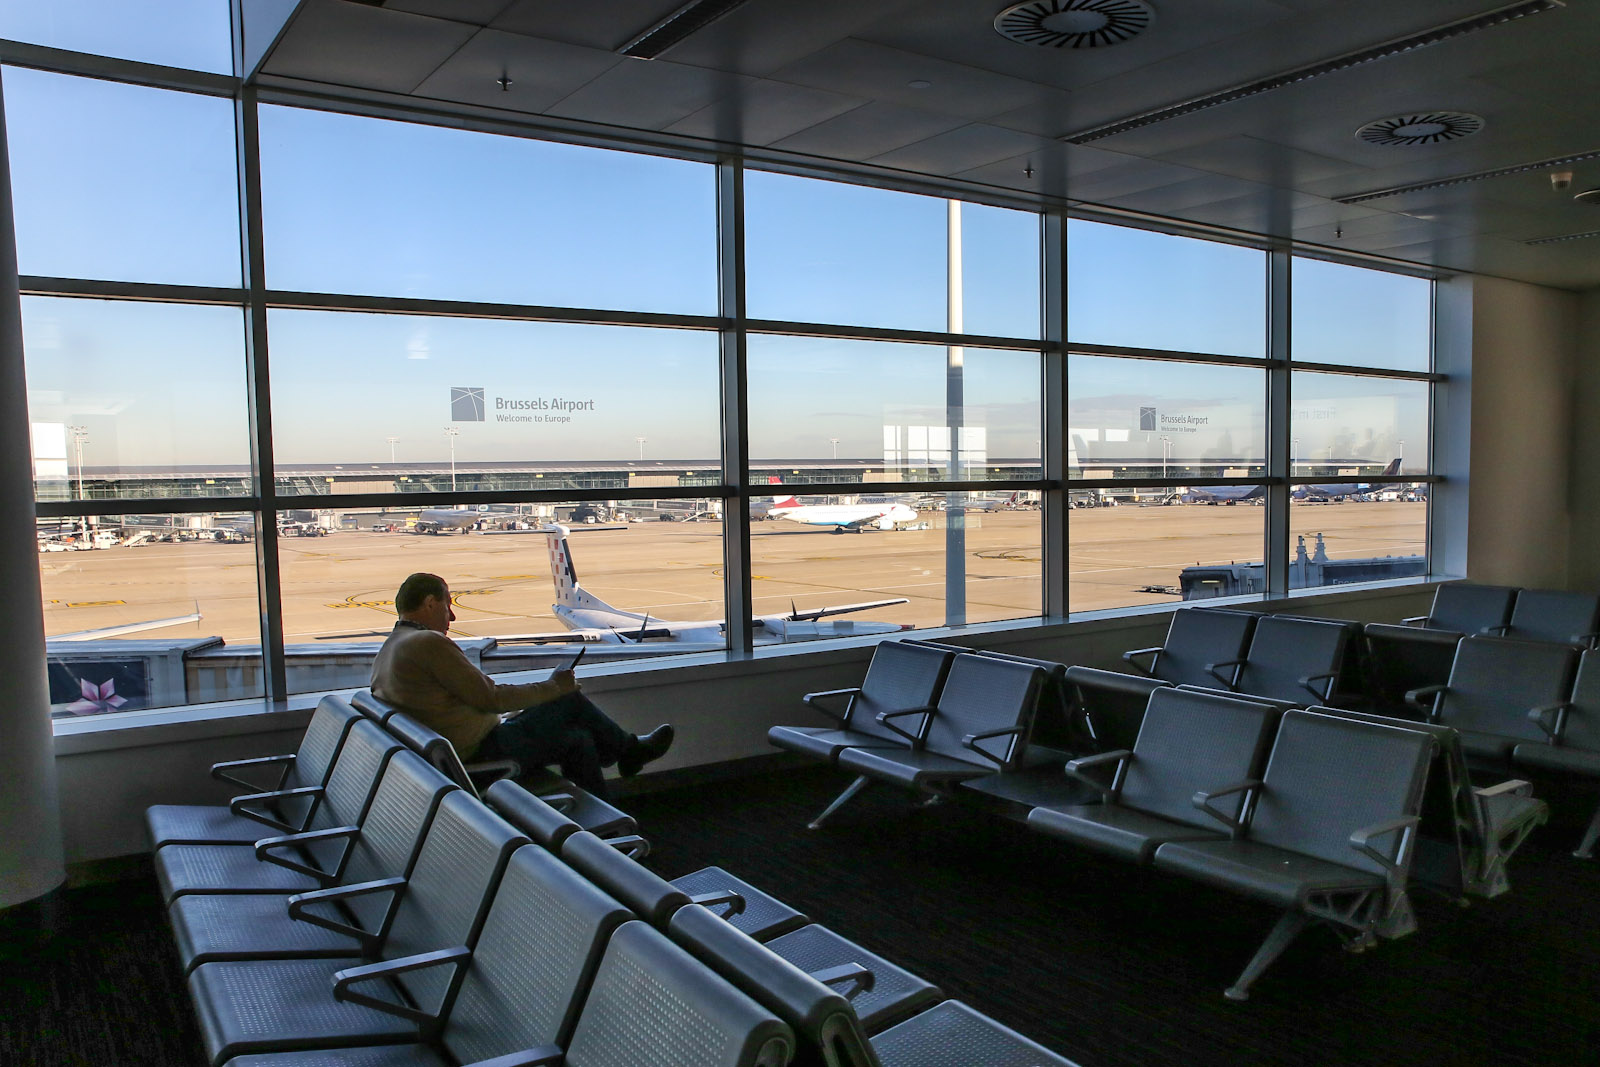 Зал ожидания зоне вылета пирса B аэропорта Брюссель